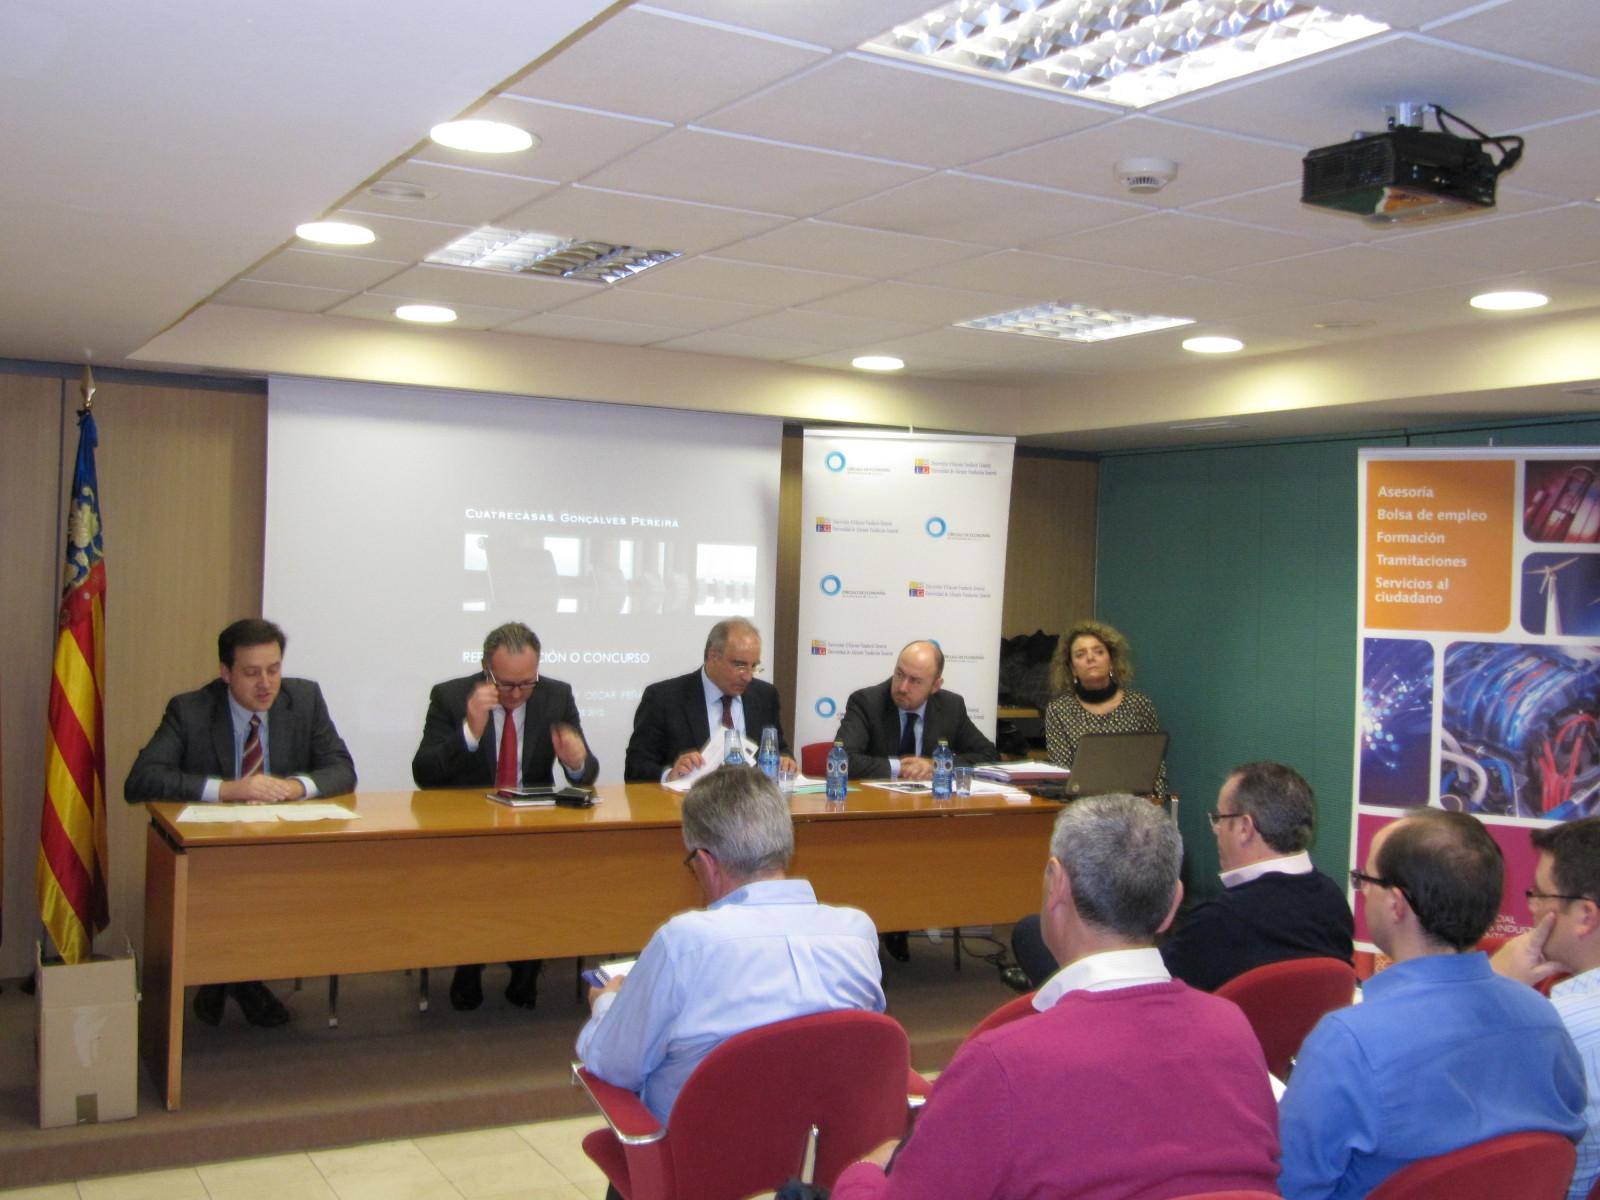 Entrevista a ponentes en la jornada con Cuatrecasas Gonçalves Pereira.